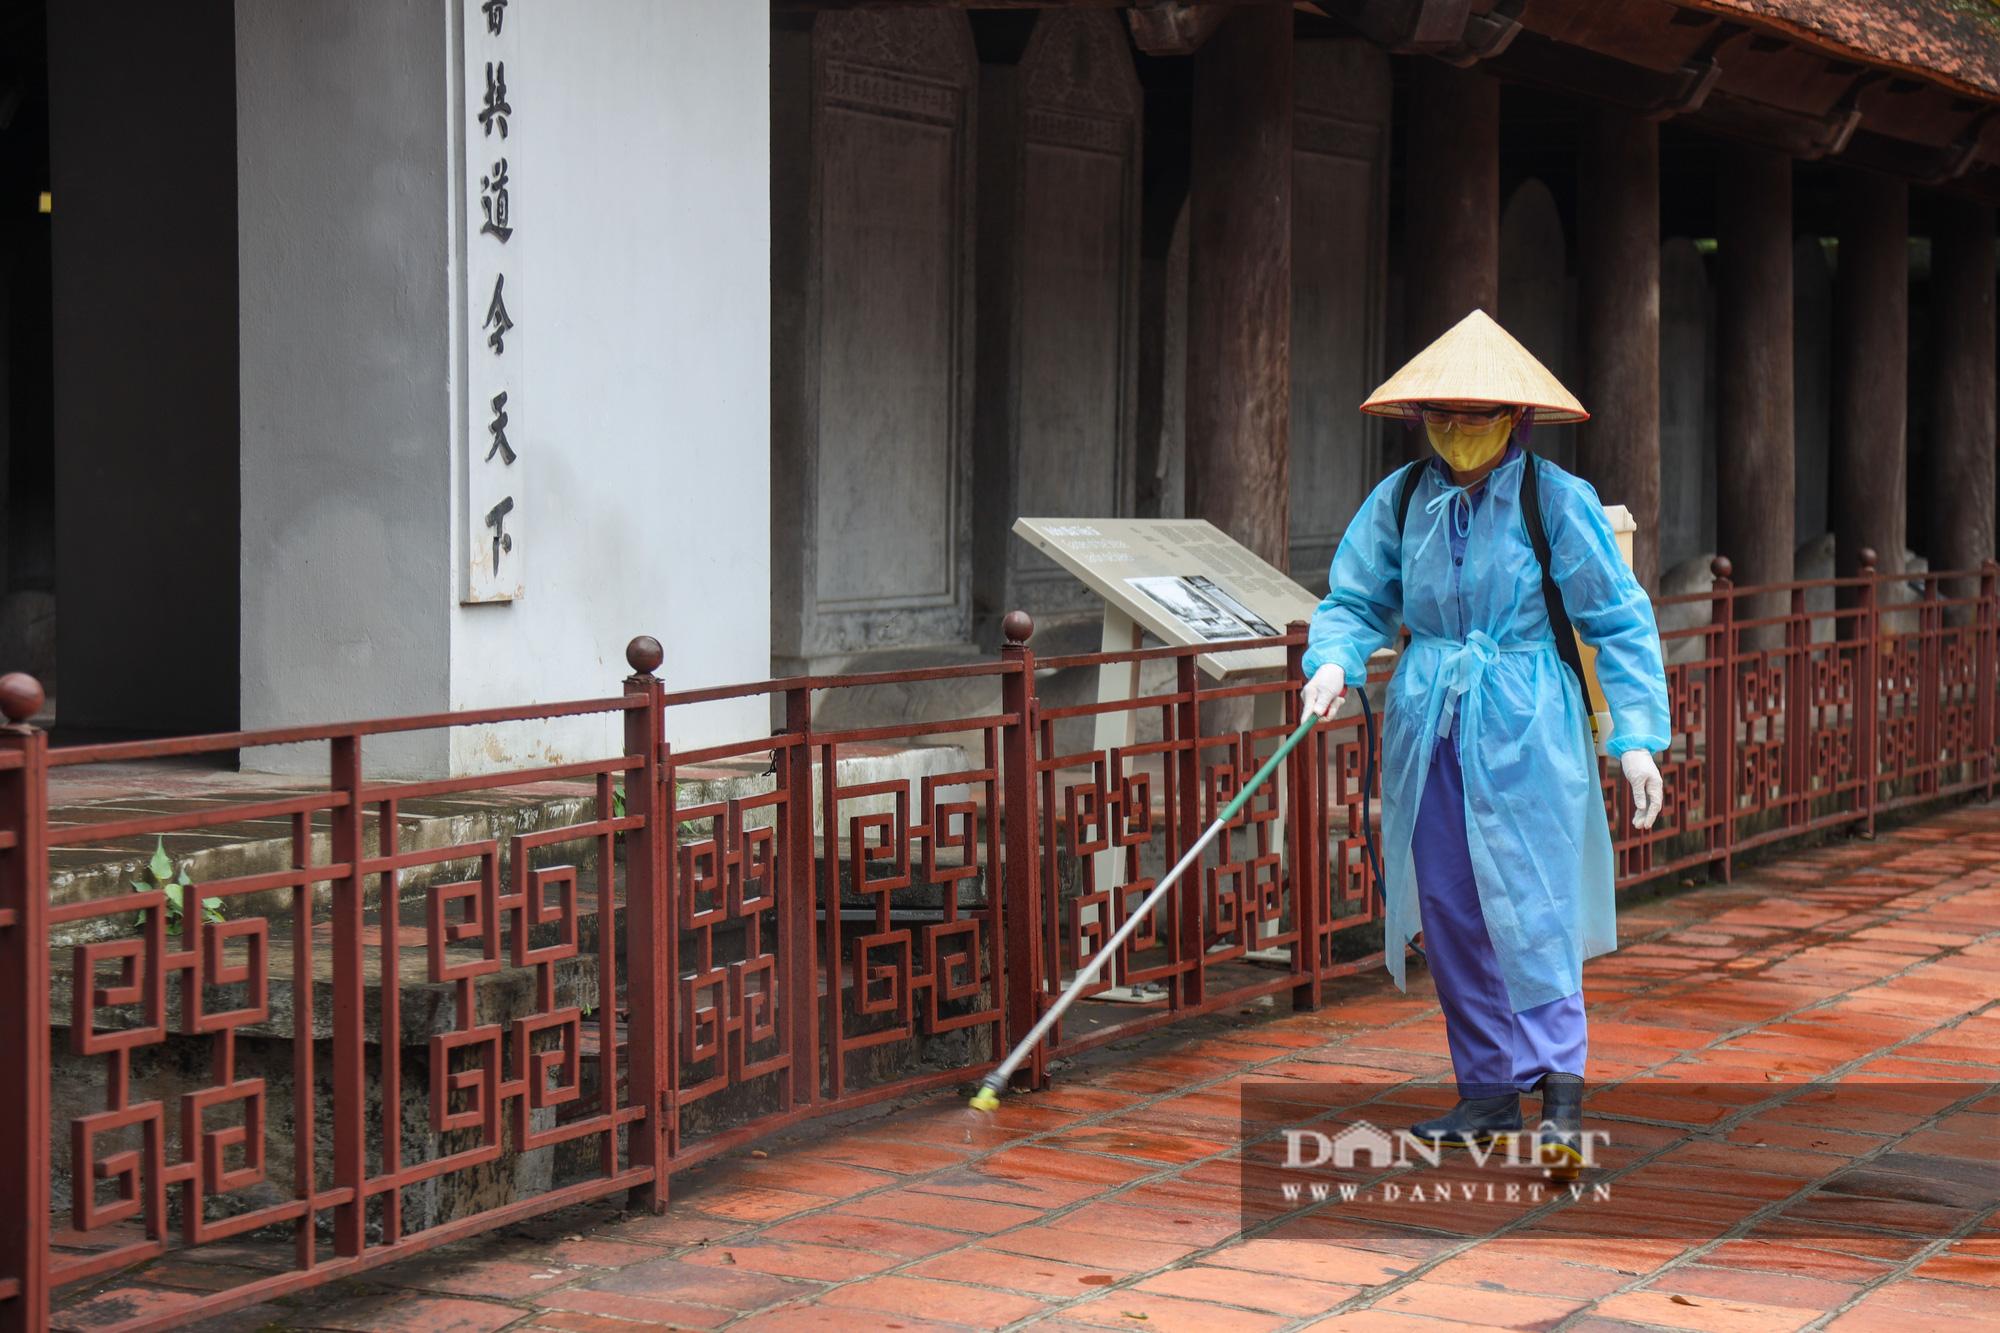 Sĩ tử, phụ huynh bịt khẩu trang cầu may ở Văn Miếu trước kỳ thi THPT - Ảnh 5.